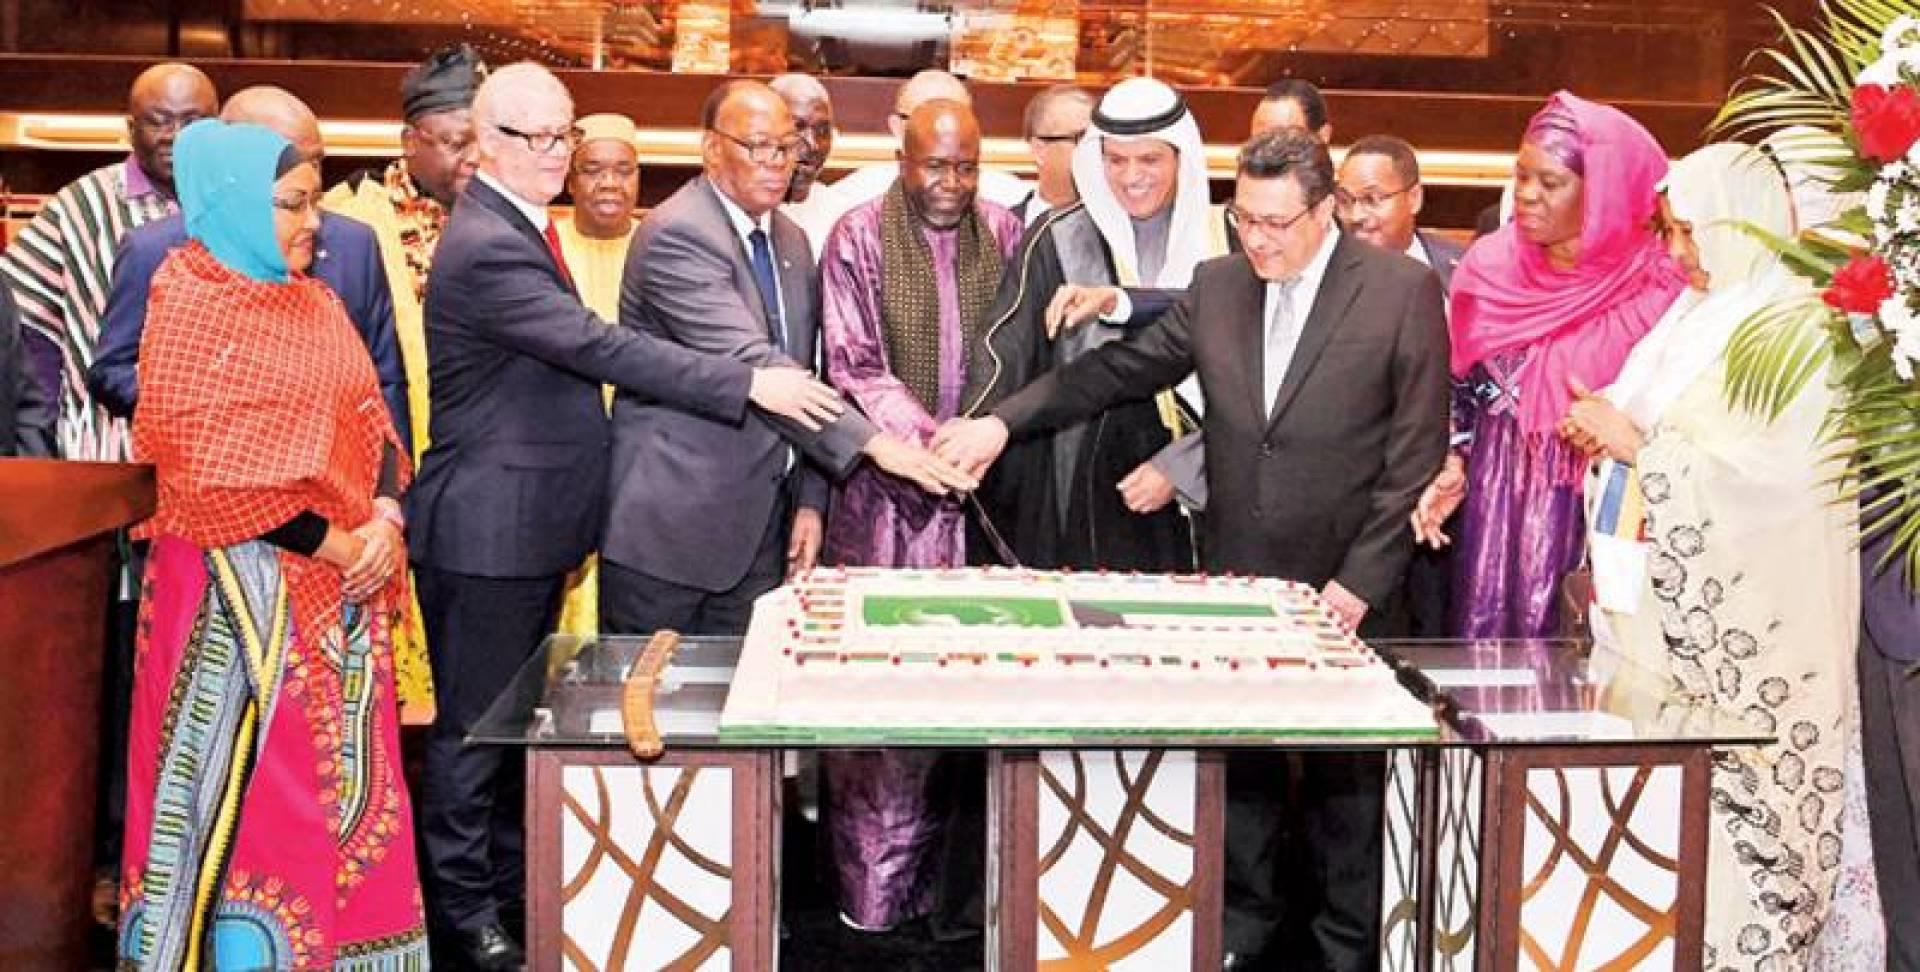 السعيد والقوني وإمباكي ودبلوماسيون خلال افتتاح يوم أفريقيا| تصوير محمد خلف